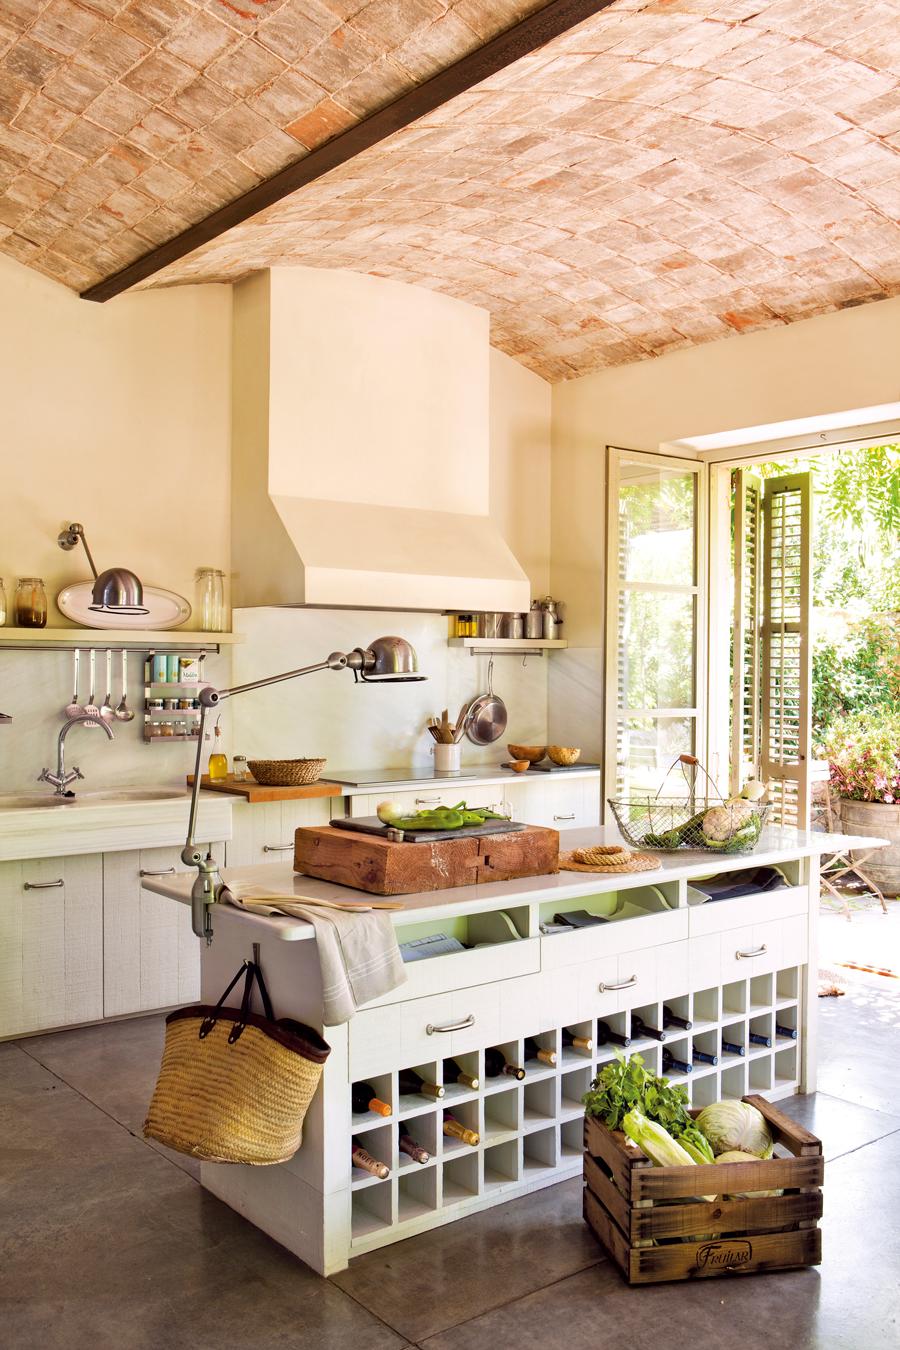 Las 10 cosas que debe tener una cocina rústica